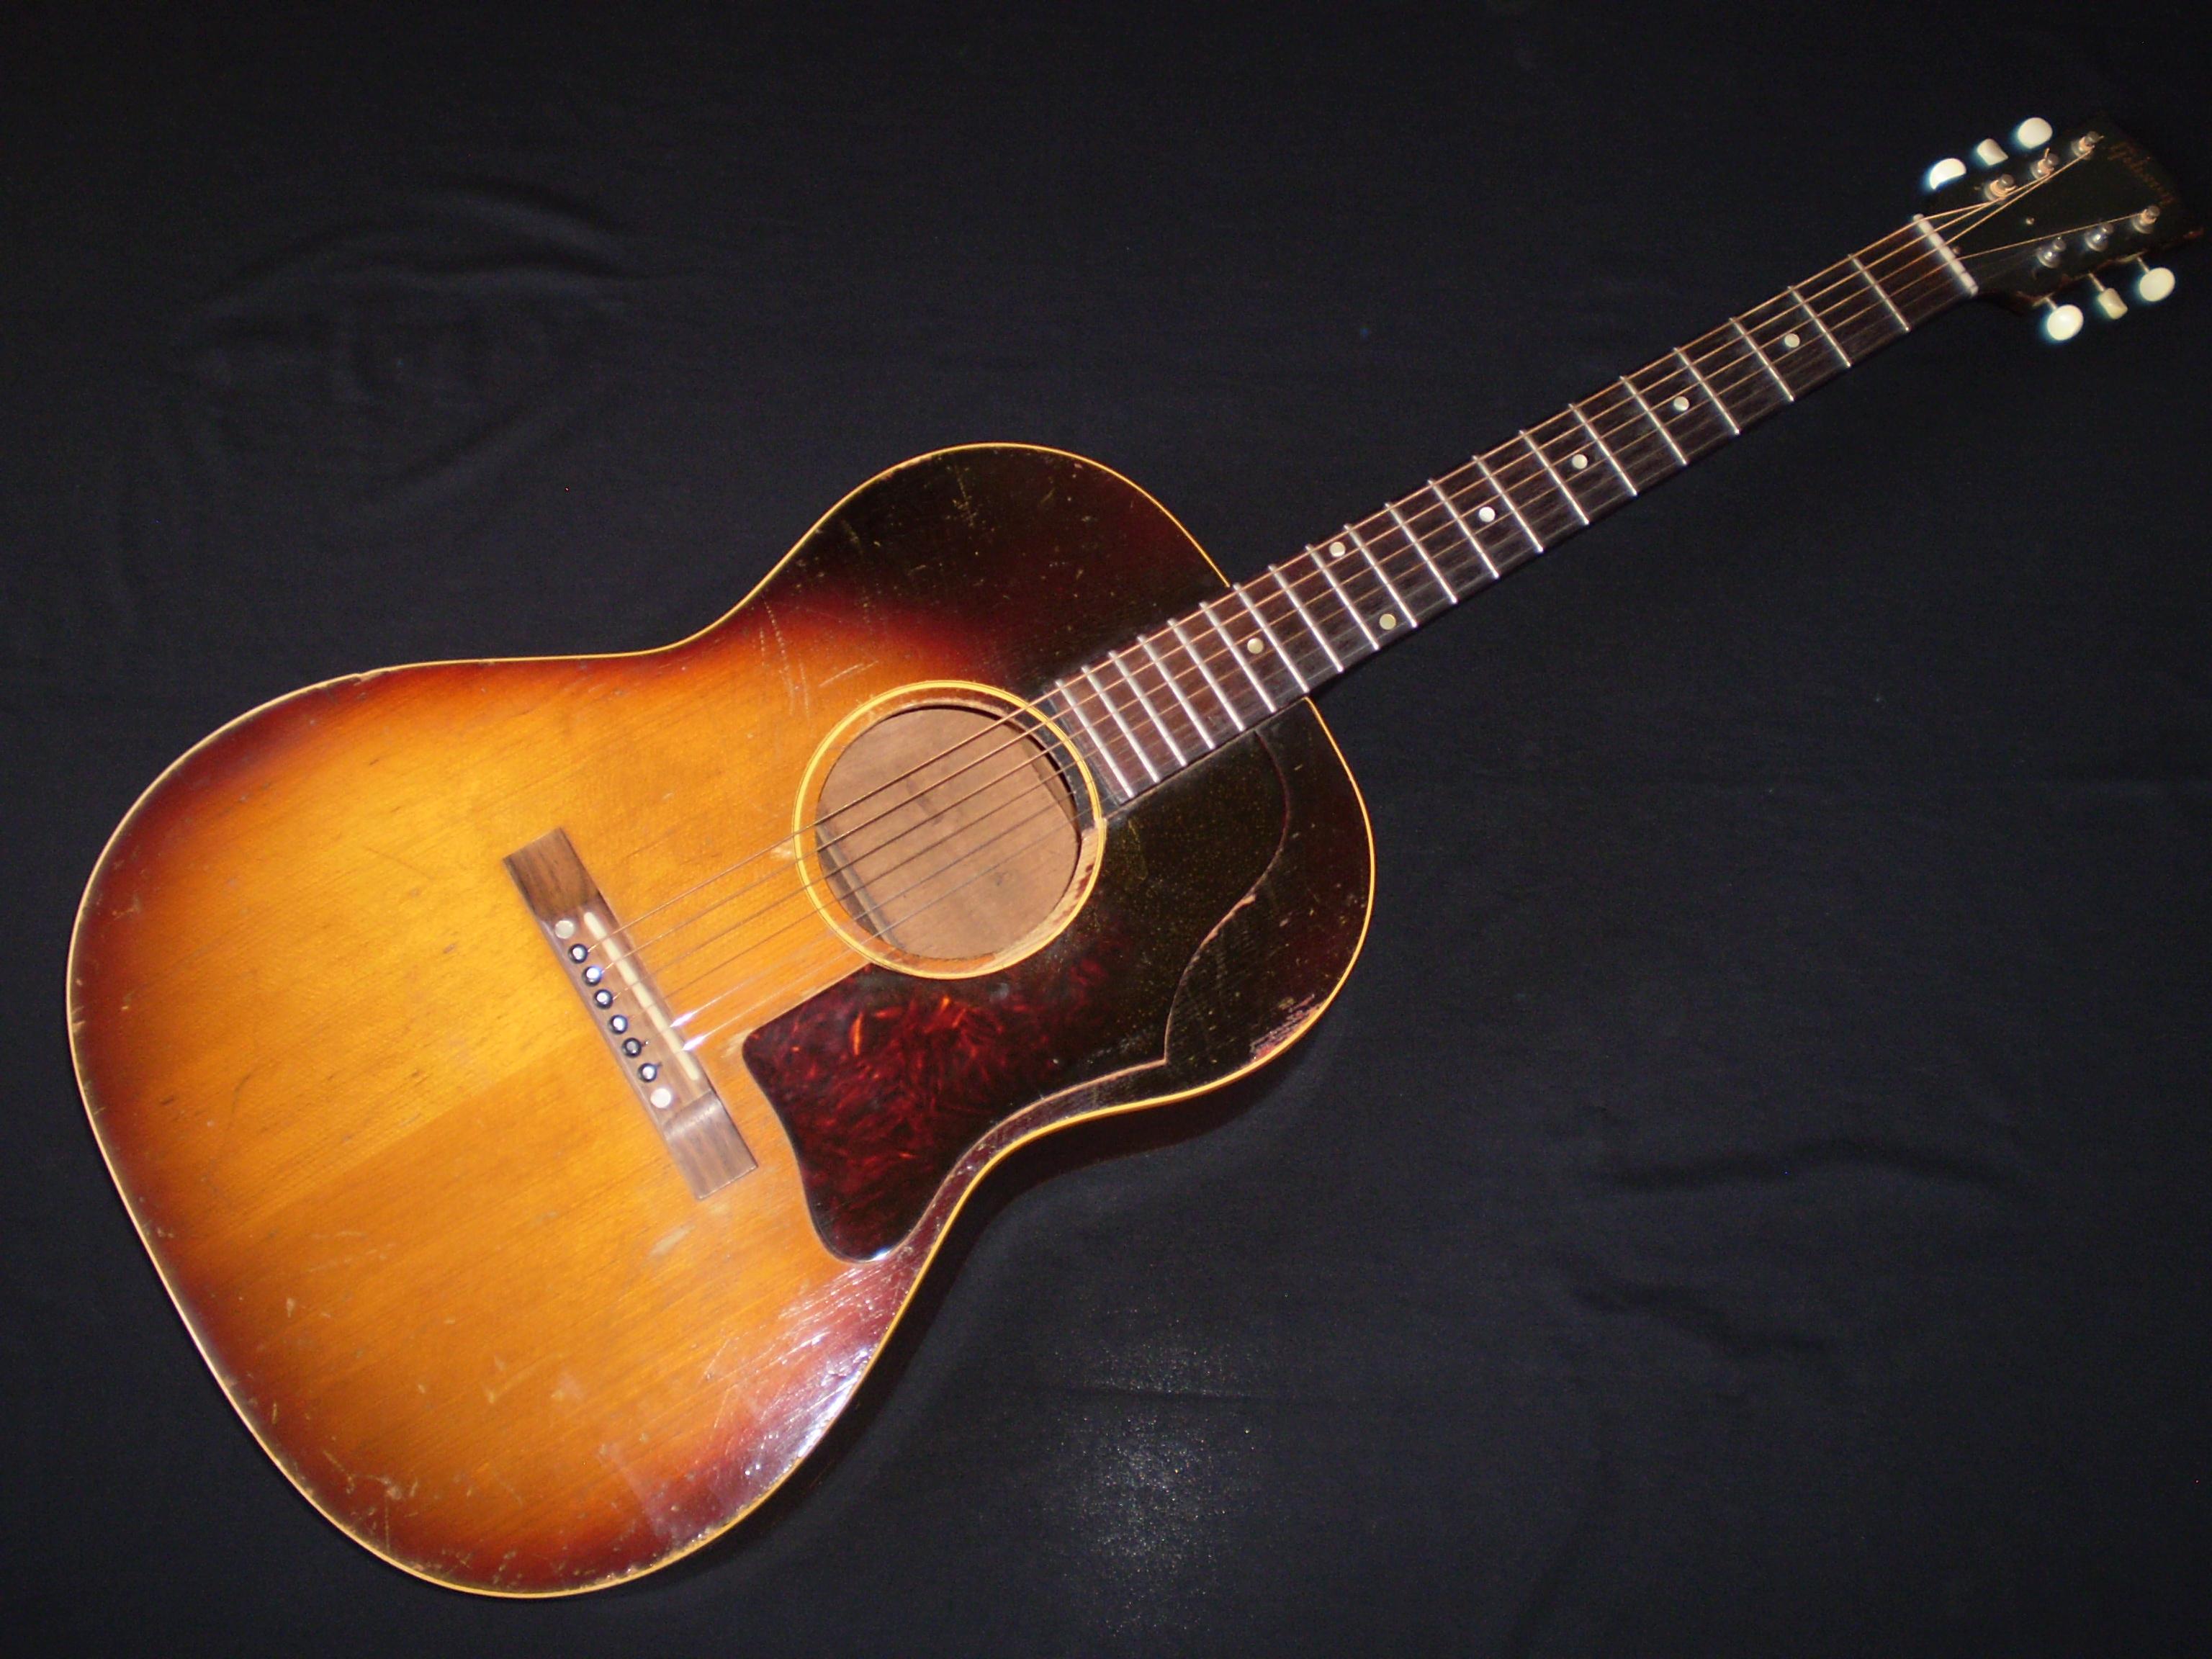 gibson lg1 1959 sunburst guitar for sale glenns guitars. Black Bedroom Furniture Sets. Home Design Ideas